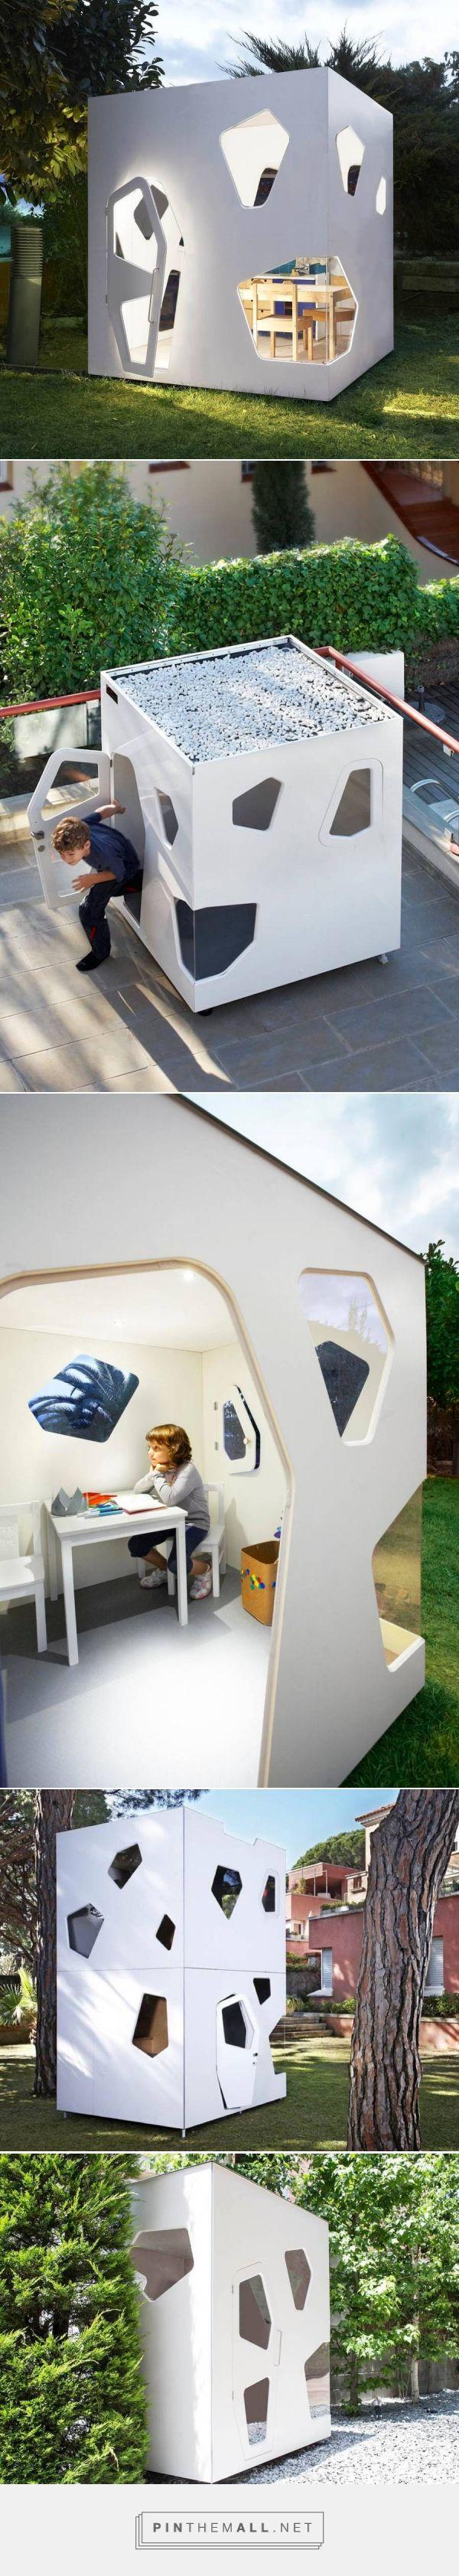 a30dc2864ed2012d8e67484114b98bba--wooden-playhouse-playhouses Luxe De Abri Moto Exterieur Concept